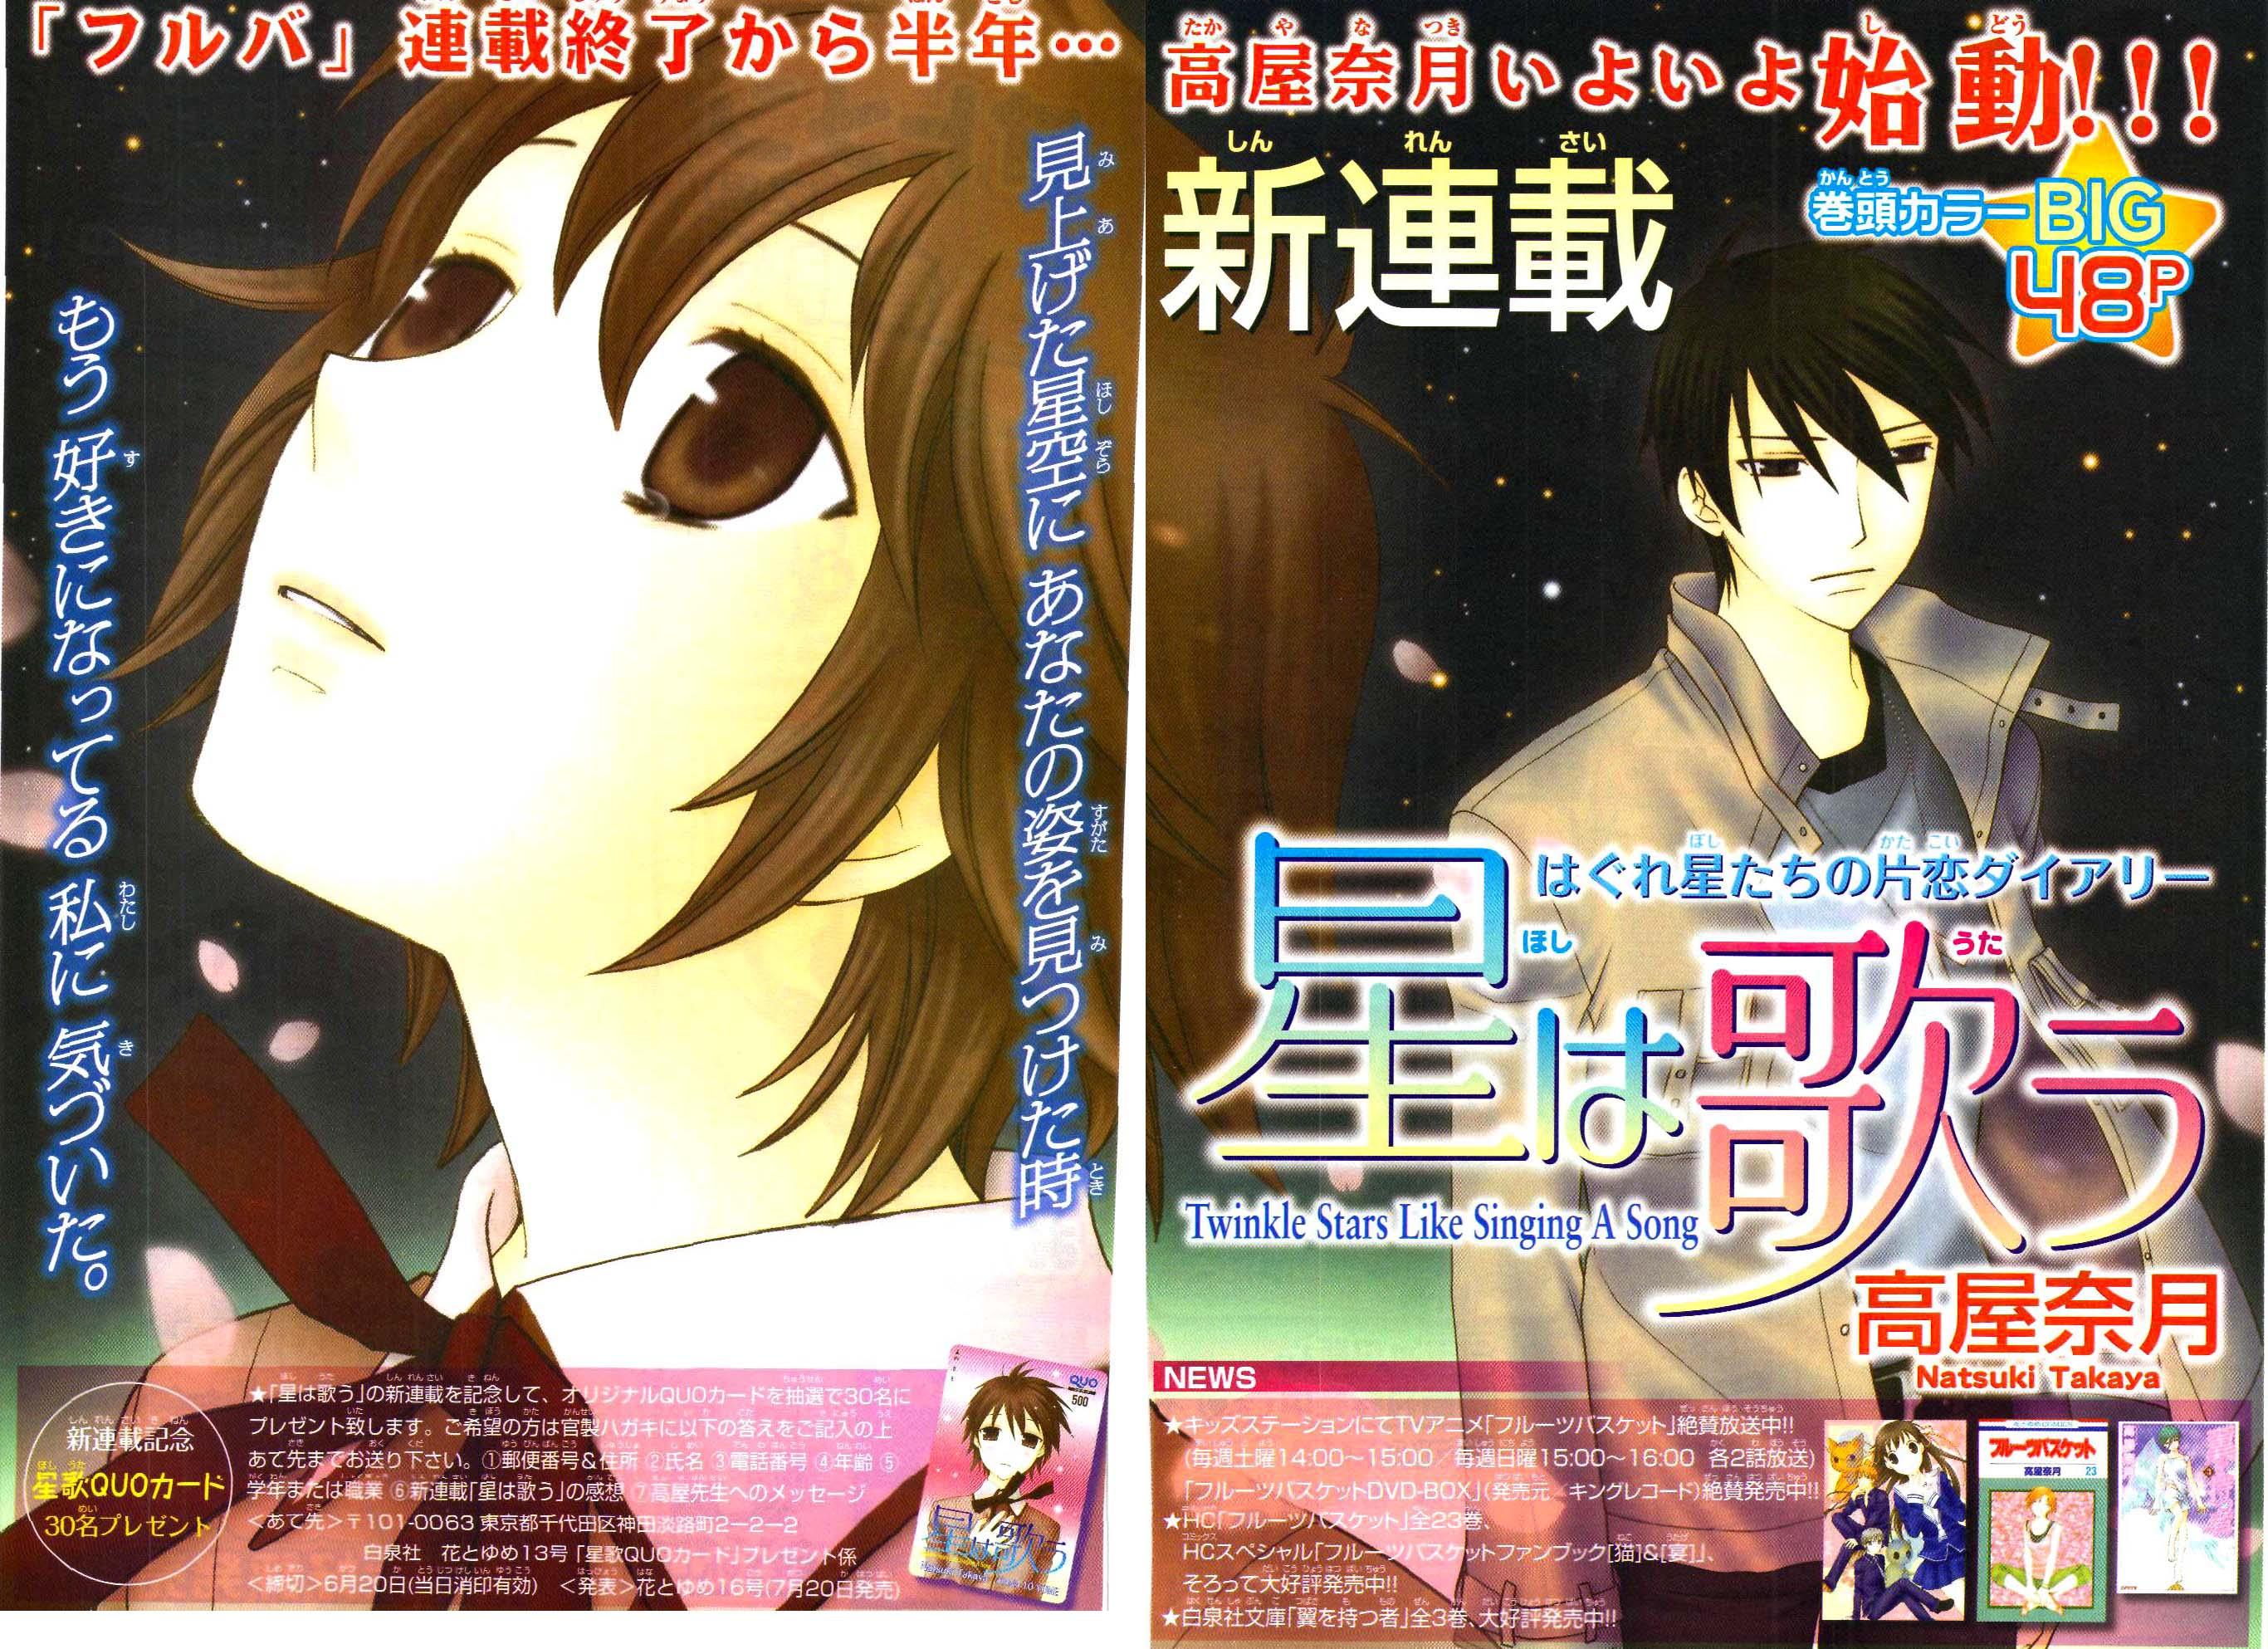 Hoshi wa Uta c 1 pg 1